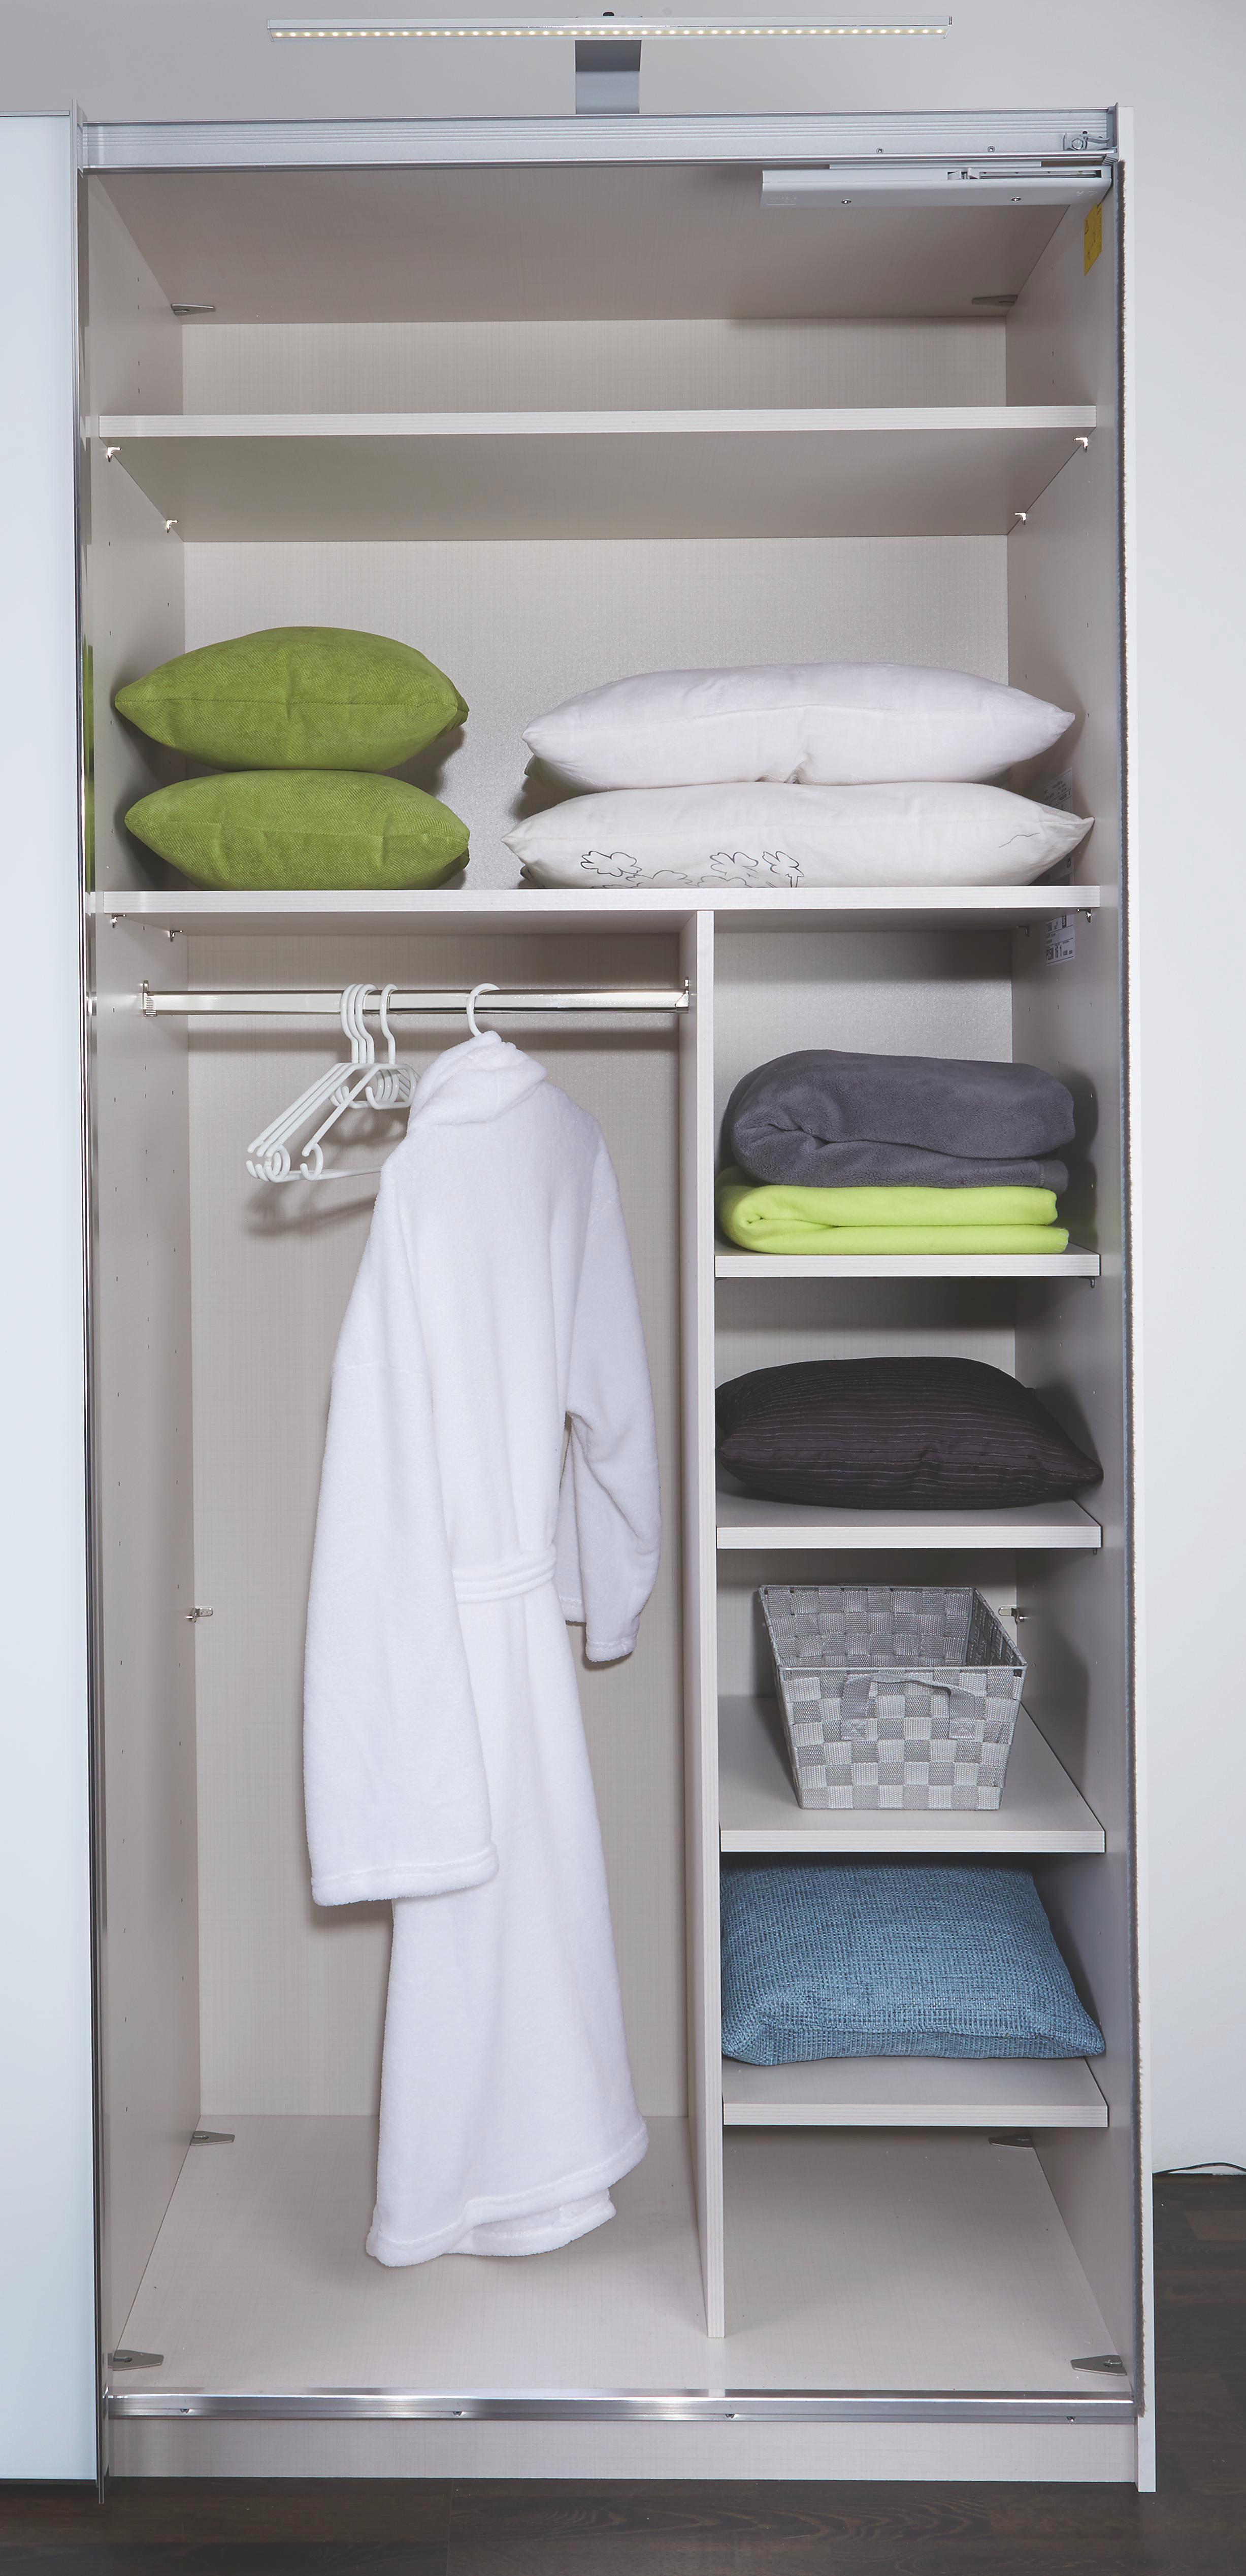 Nett Kleiderschrank Zubehr Korb Fotos - Die besten Einrichtungsideen ...